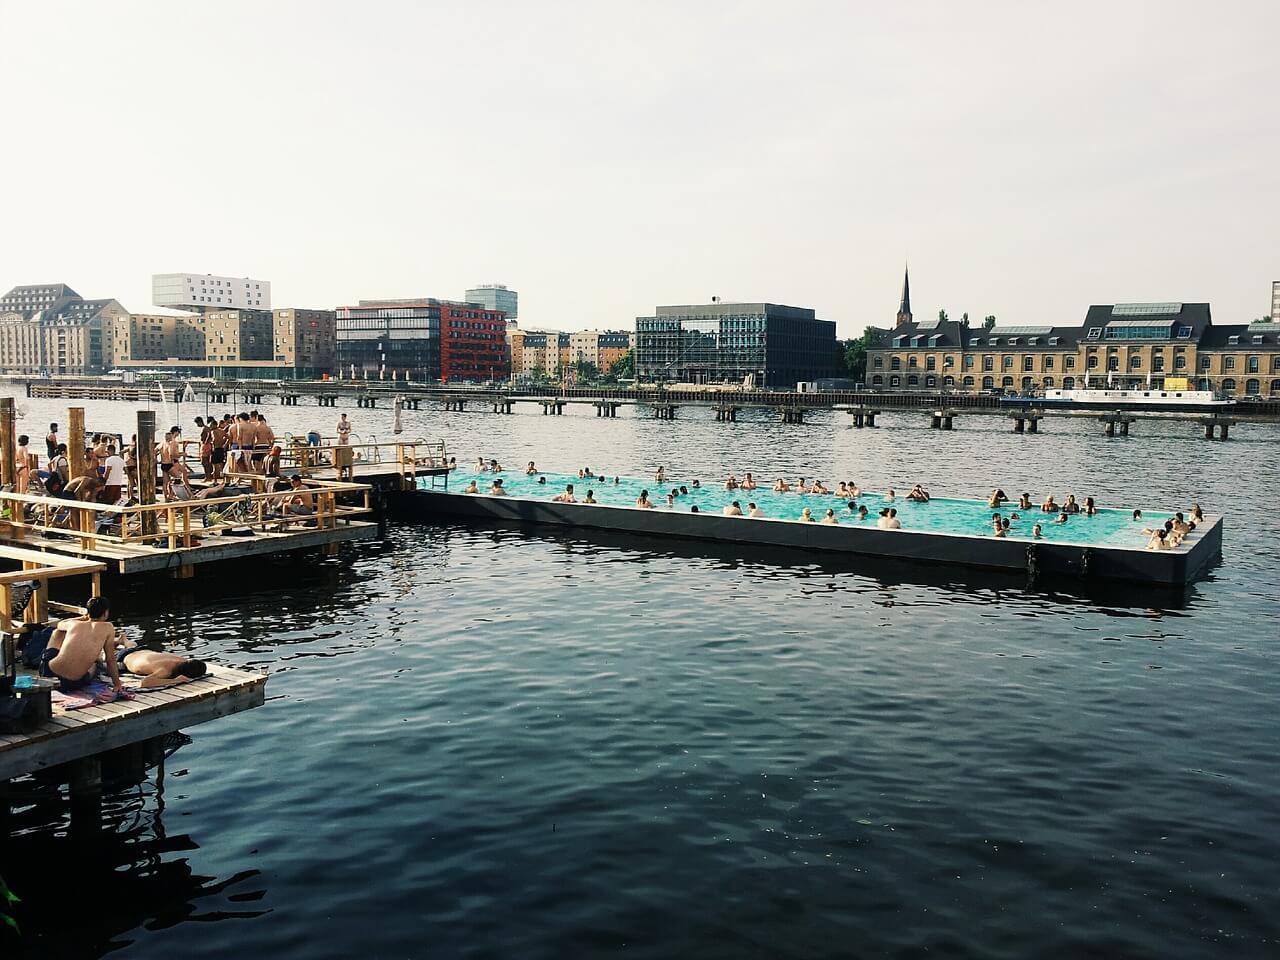 ¡Esta puede ser tu vista en Berlín, Alemania! - Sueños Viajeros